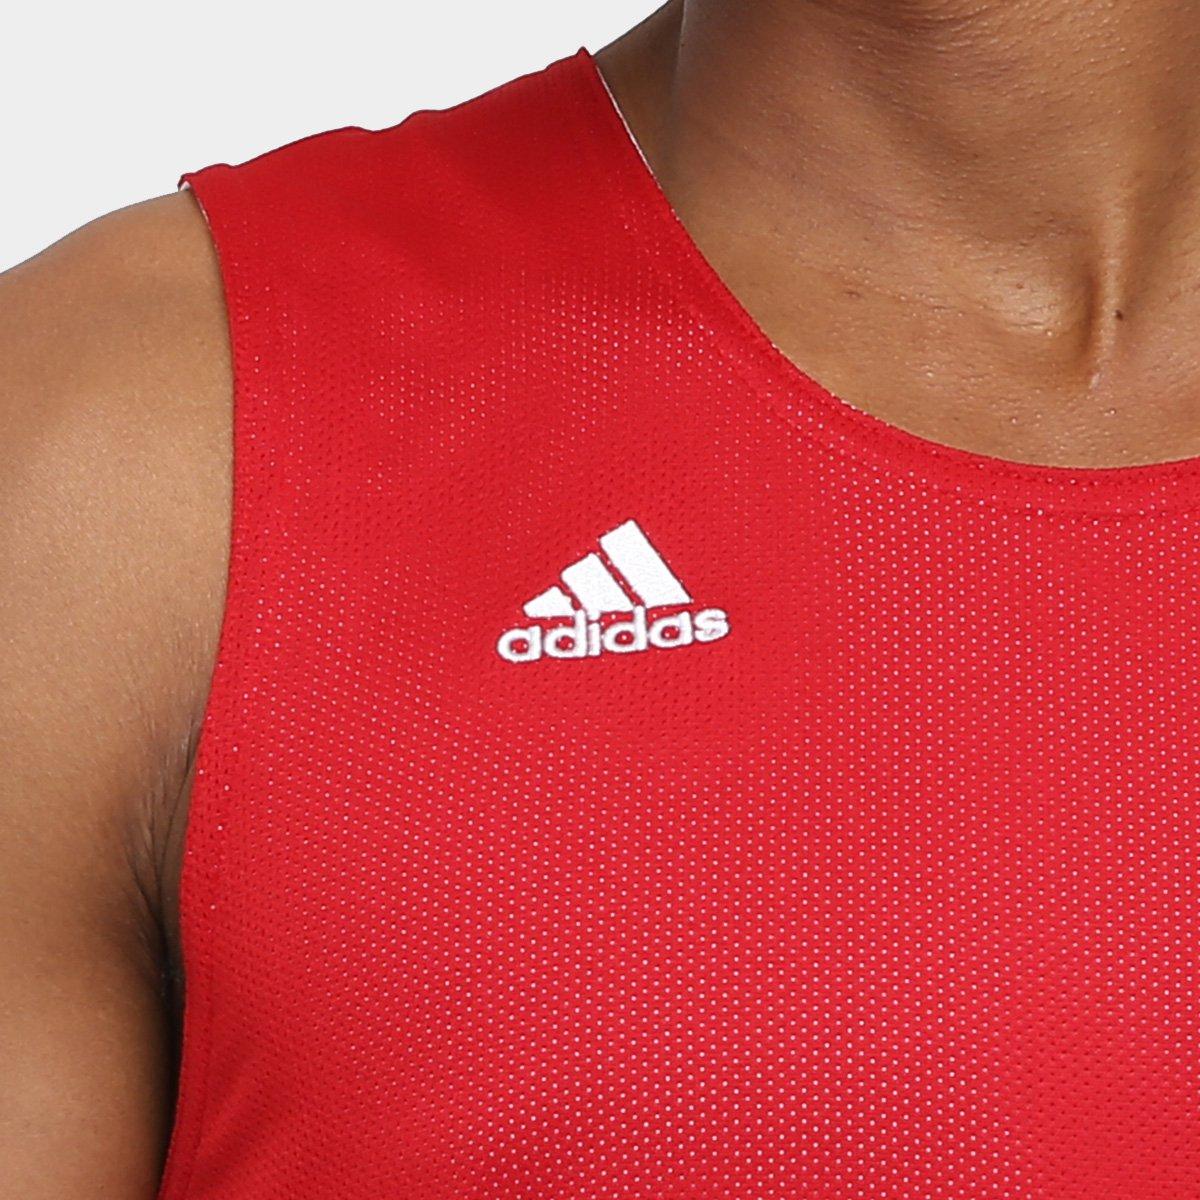 Camiseta Regata Adidas Treino Reversivel Masculina - Compre Agora ... 94f5df50a79d4